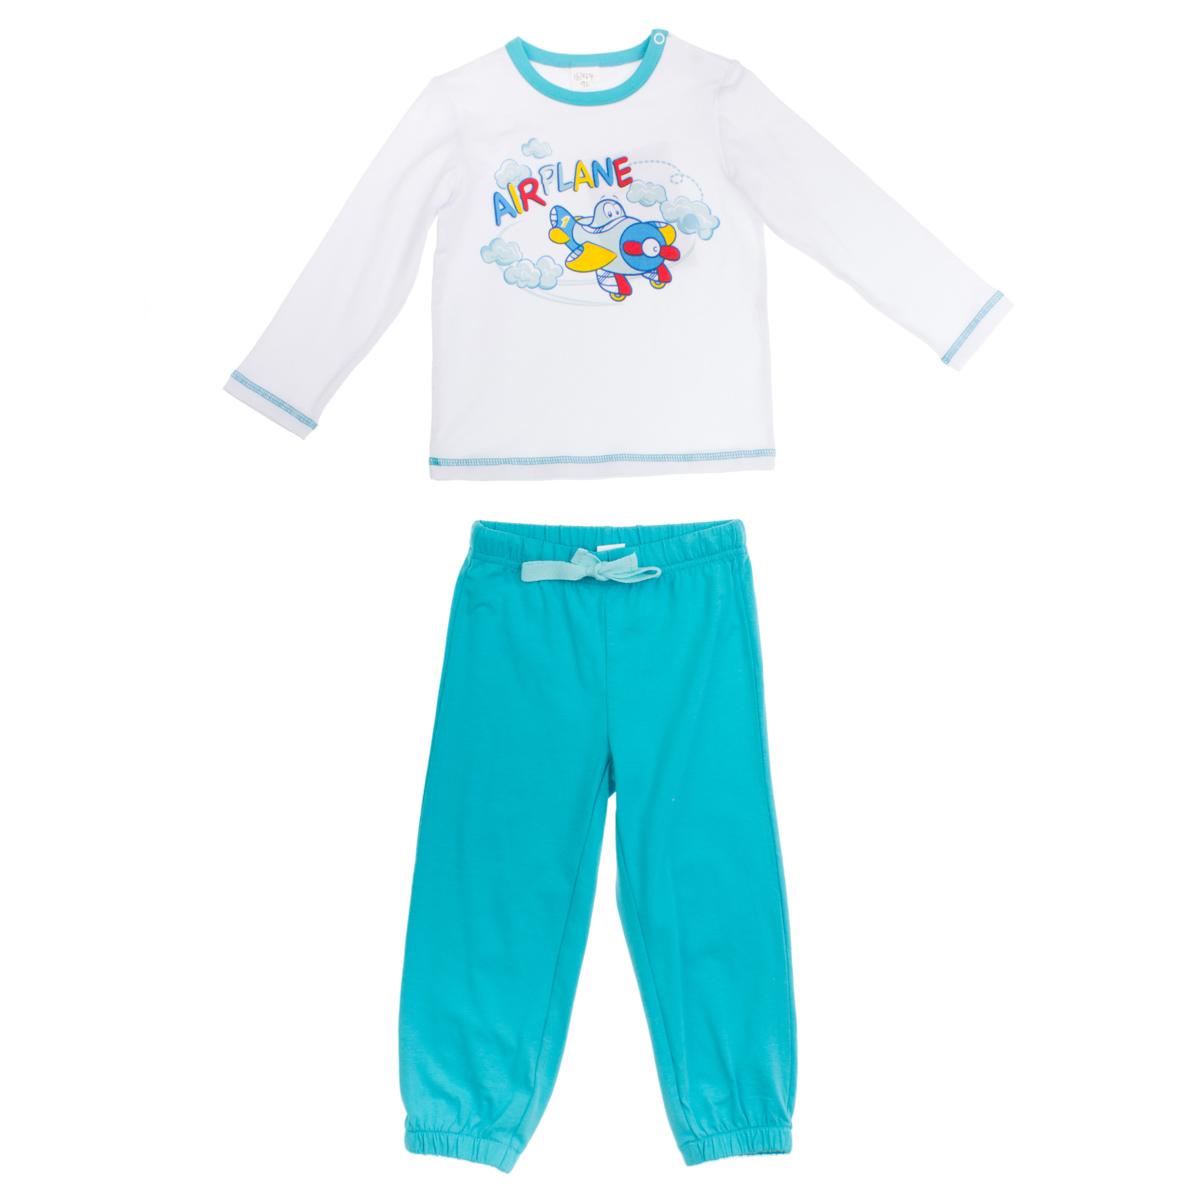 Комплект: футболка с длинными рукавами, брюки 167024